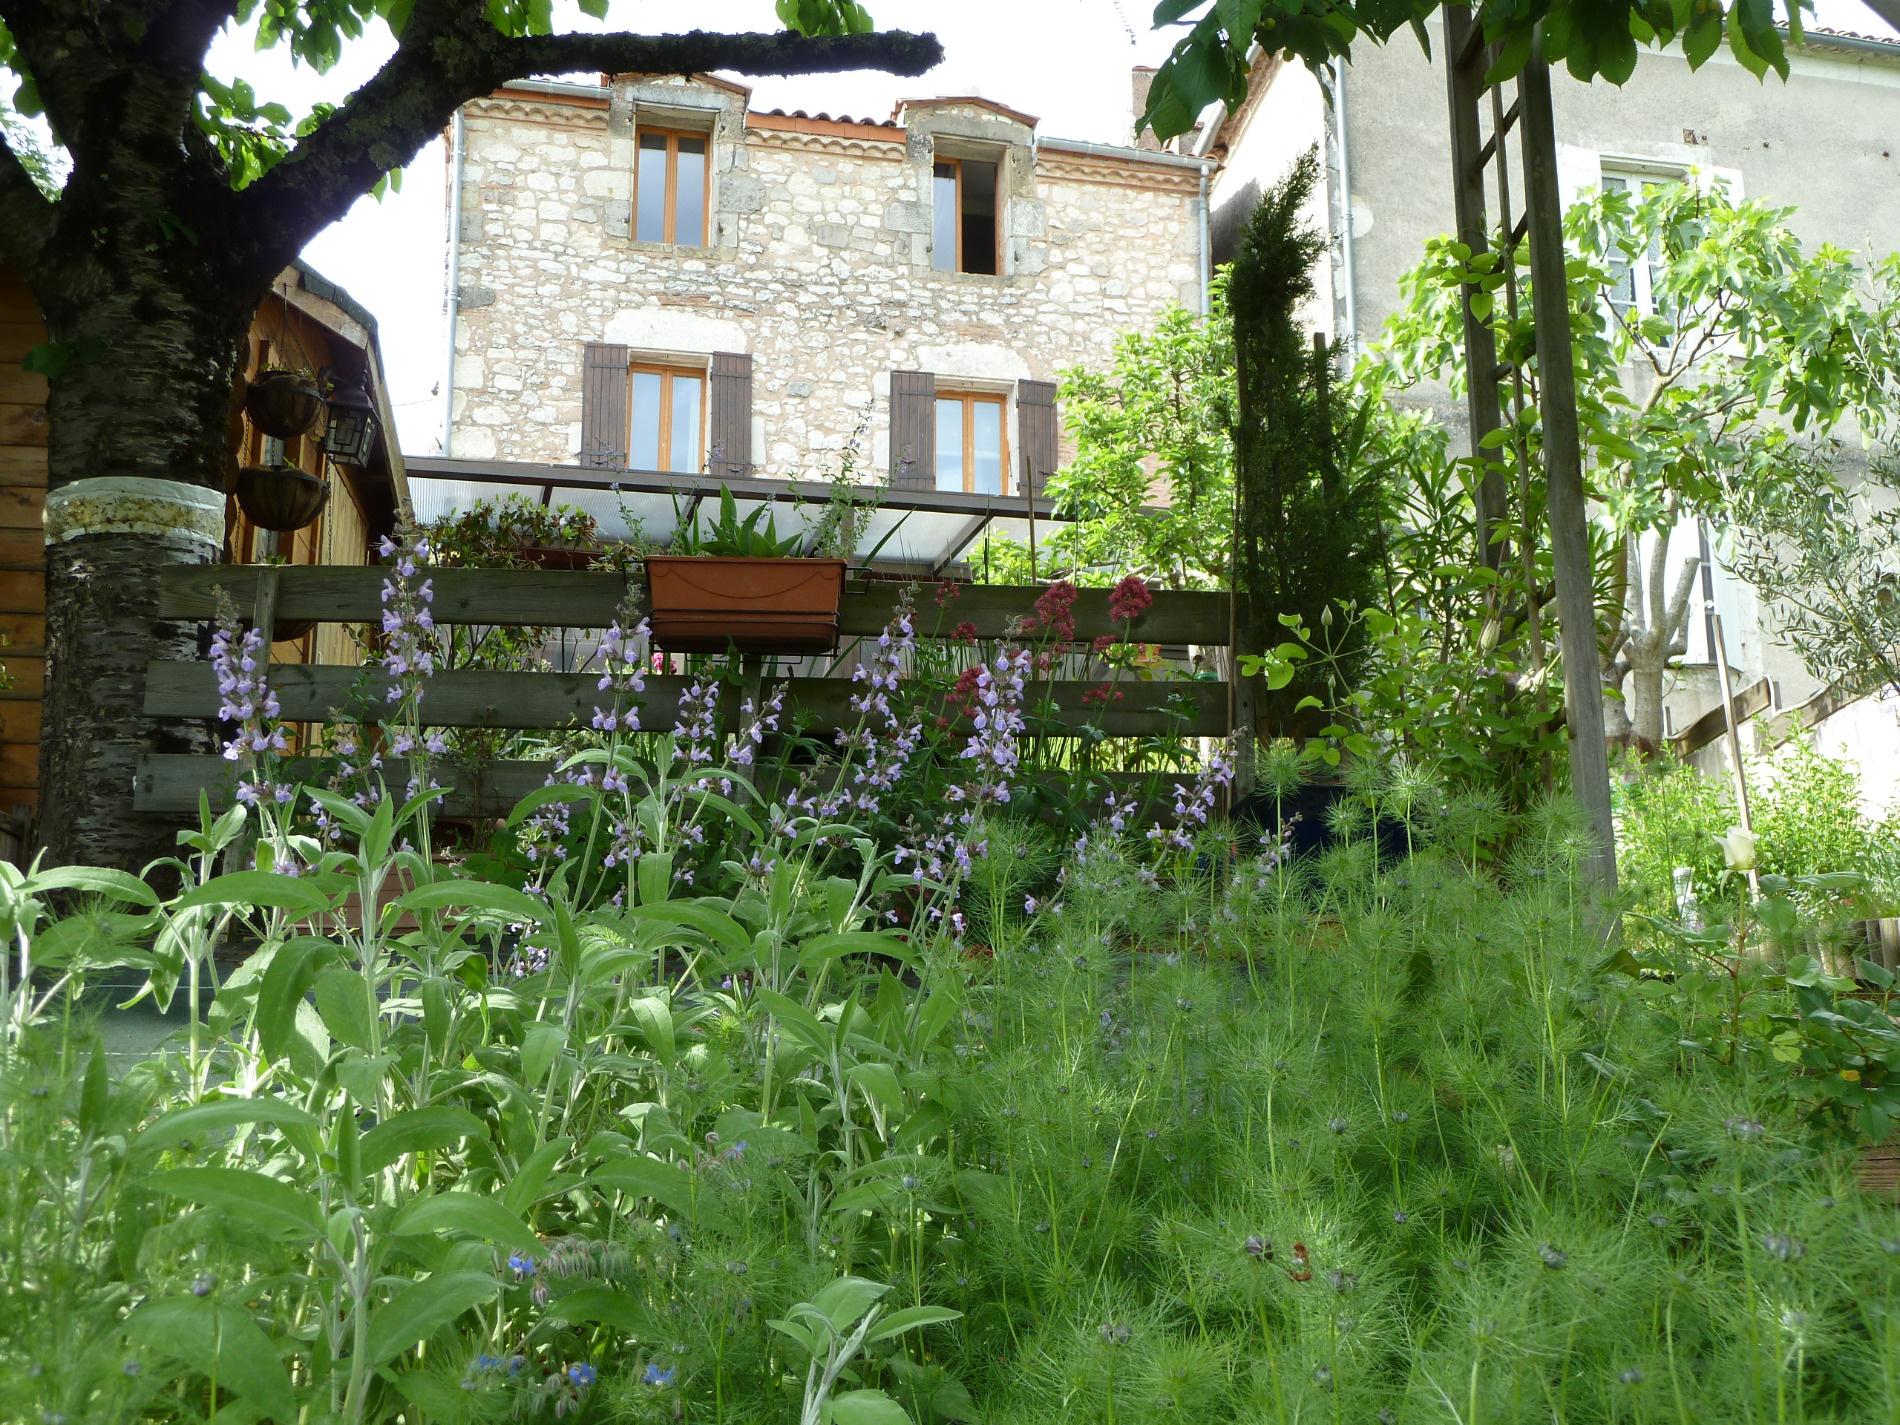 Vente maison de bastide avec jardin et vue panoramique - Vue de jardin ...